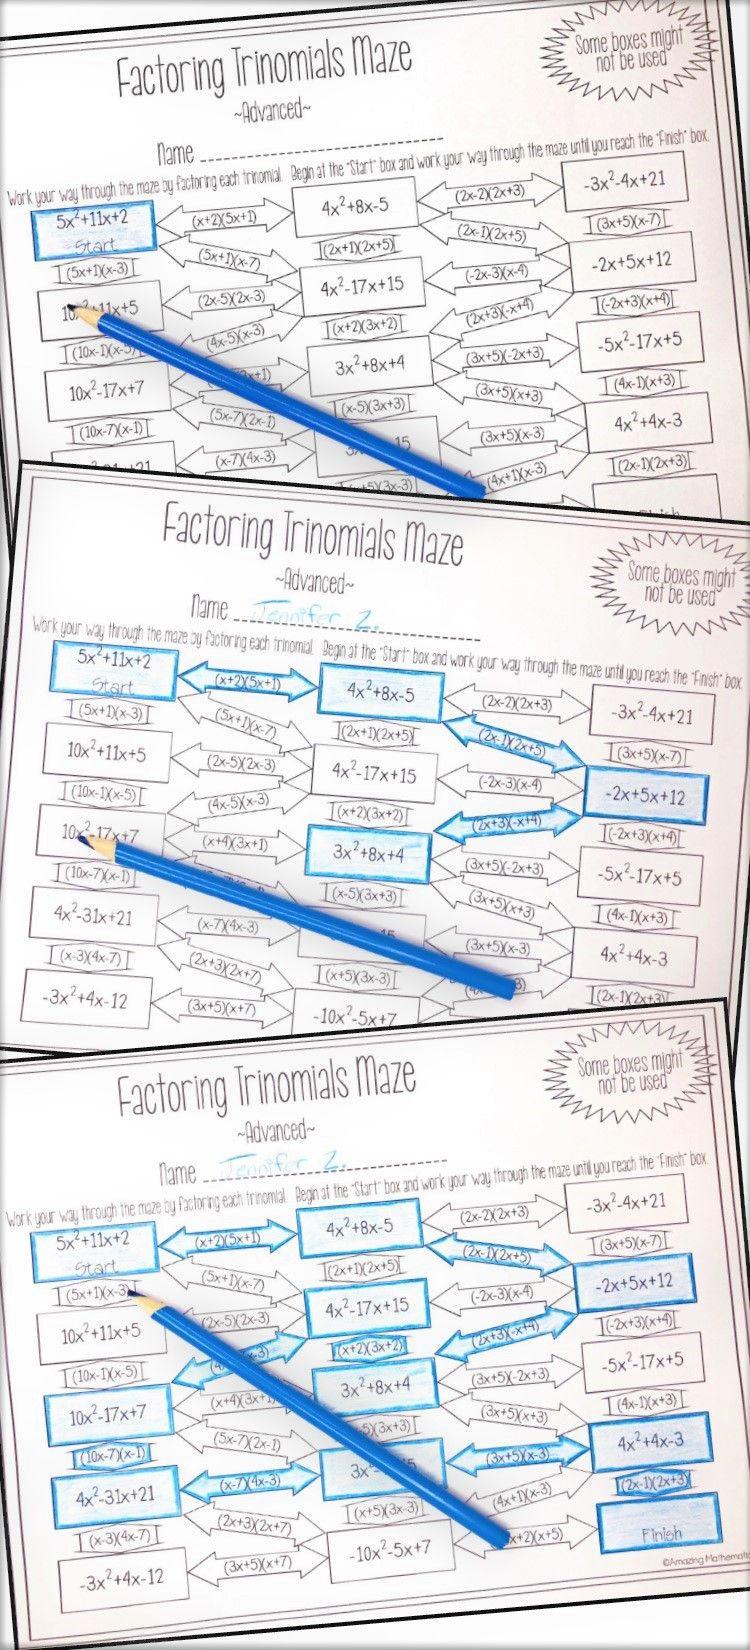 Factoring Polynomials (Trinomials) Maze Advanced